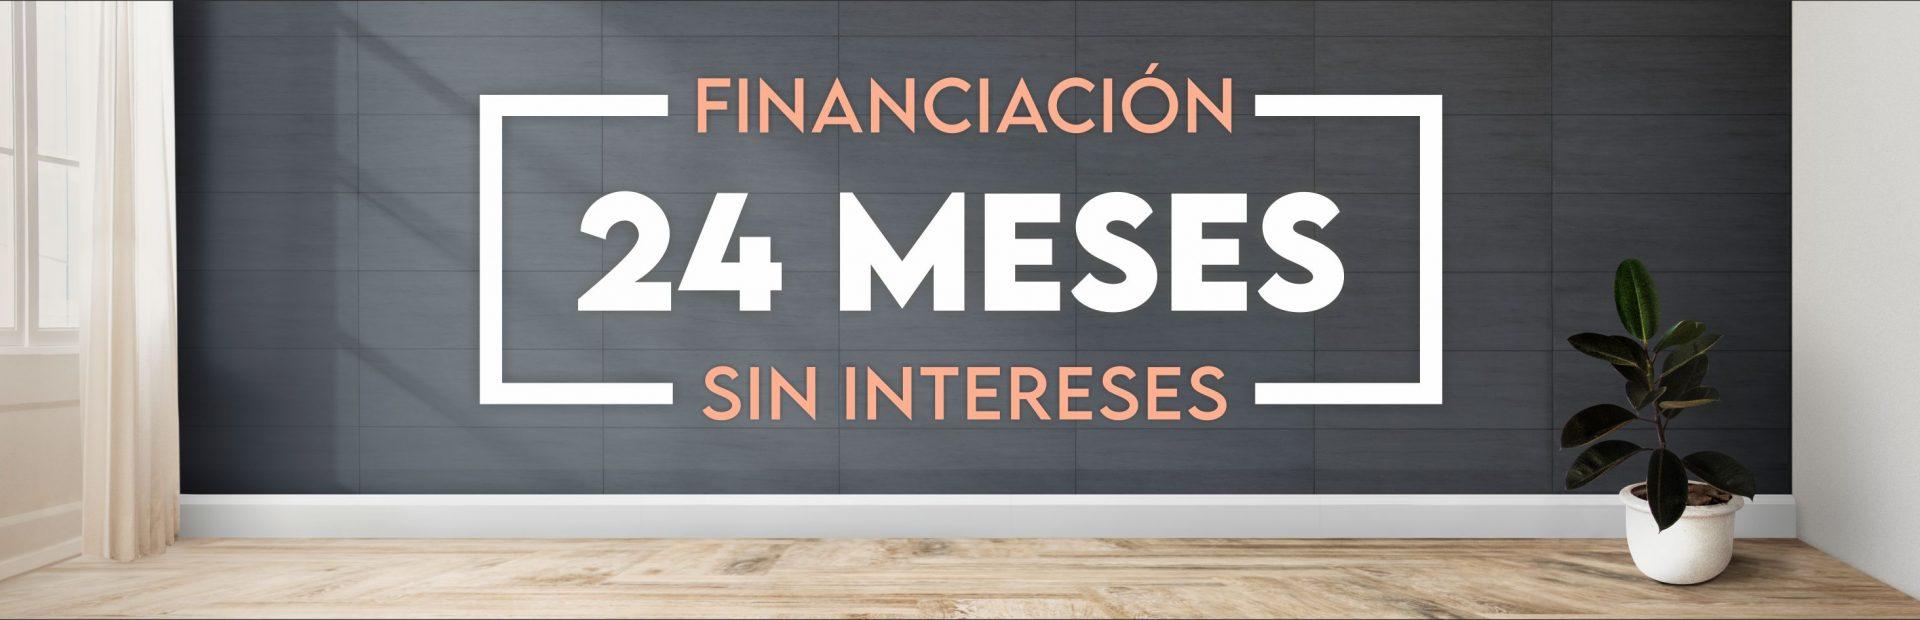 financiación 24 meses sin intereses